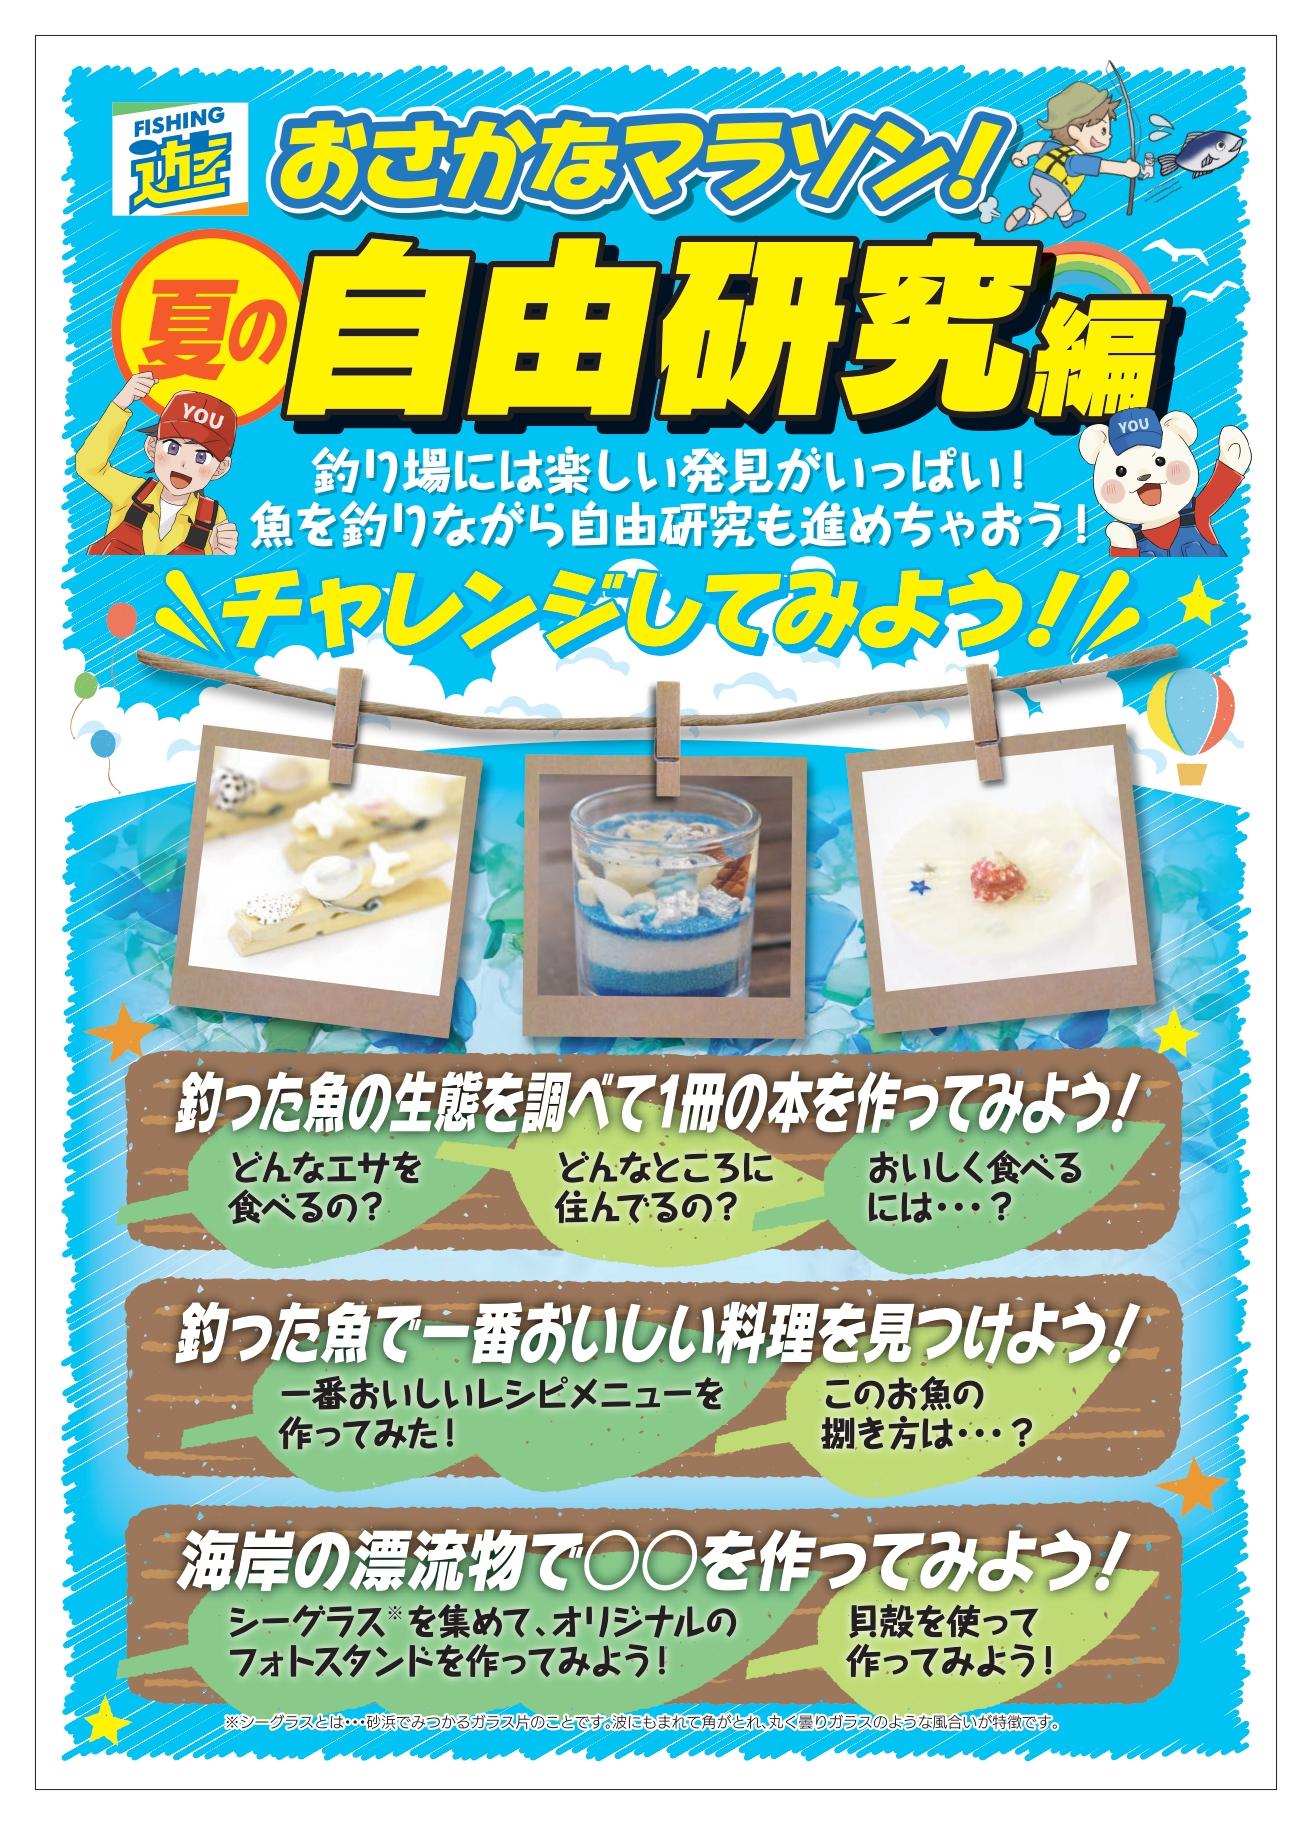 21_06月_お魚マラソン自由研究1_A4_page-0001